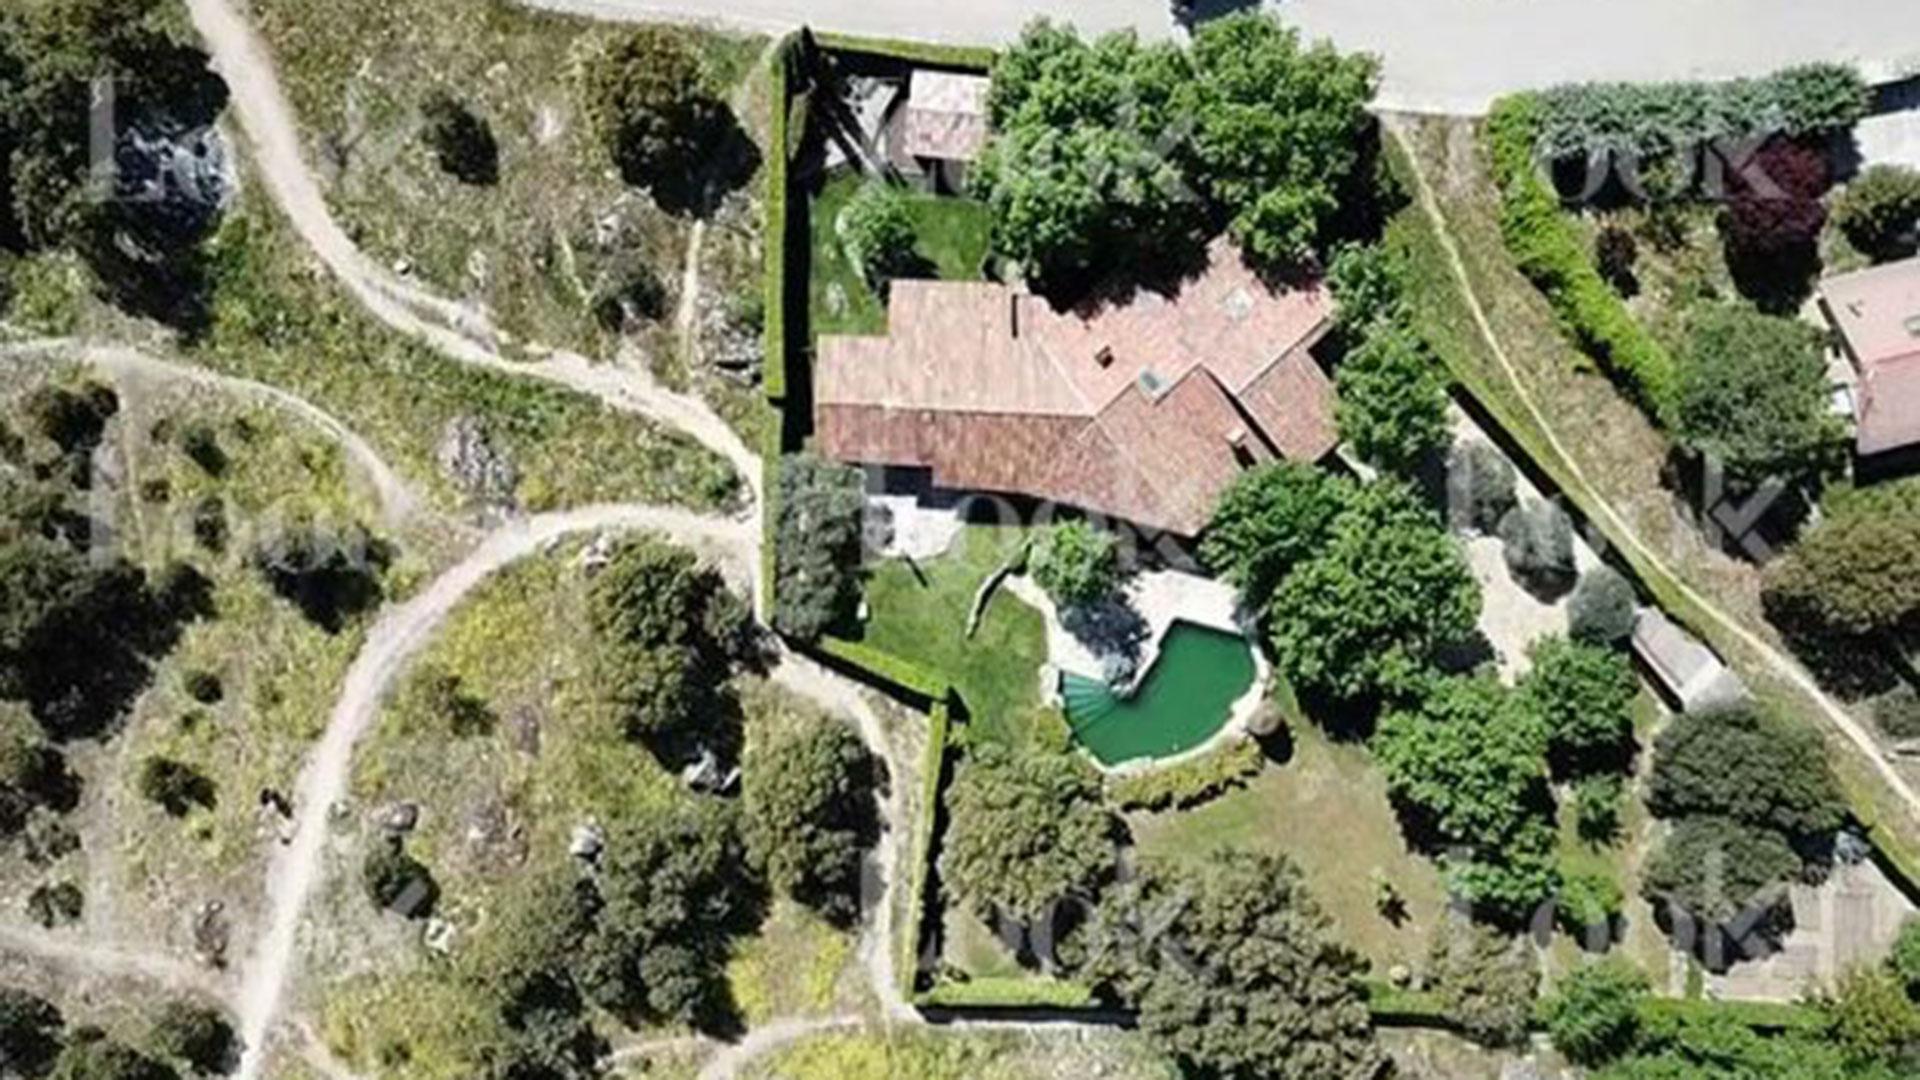 Está ubicada en la sierra de Madrid, cerca del parque de Guadarrama (LOOK)